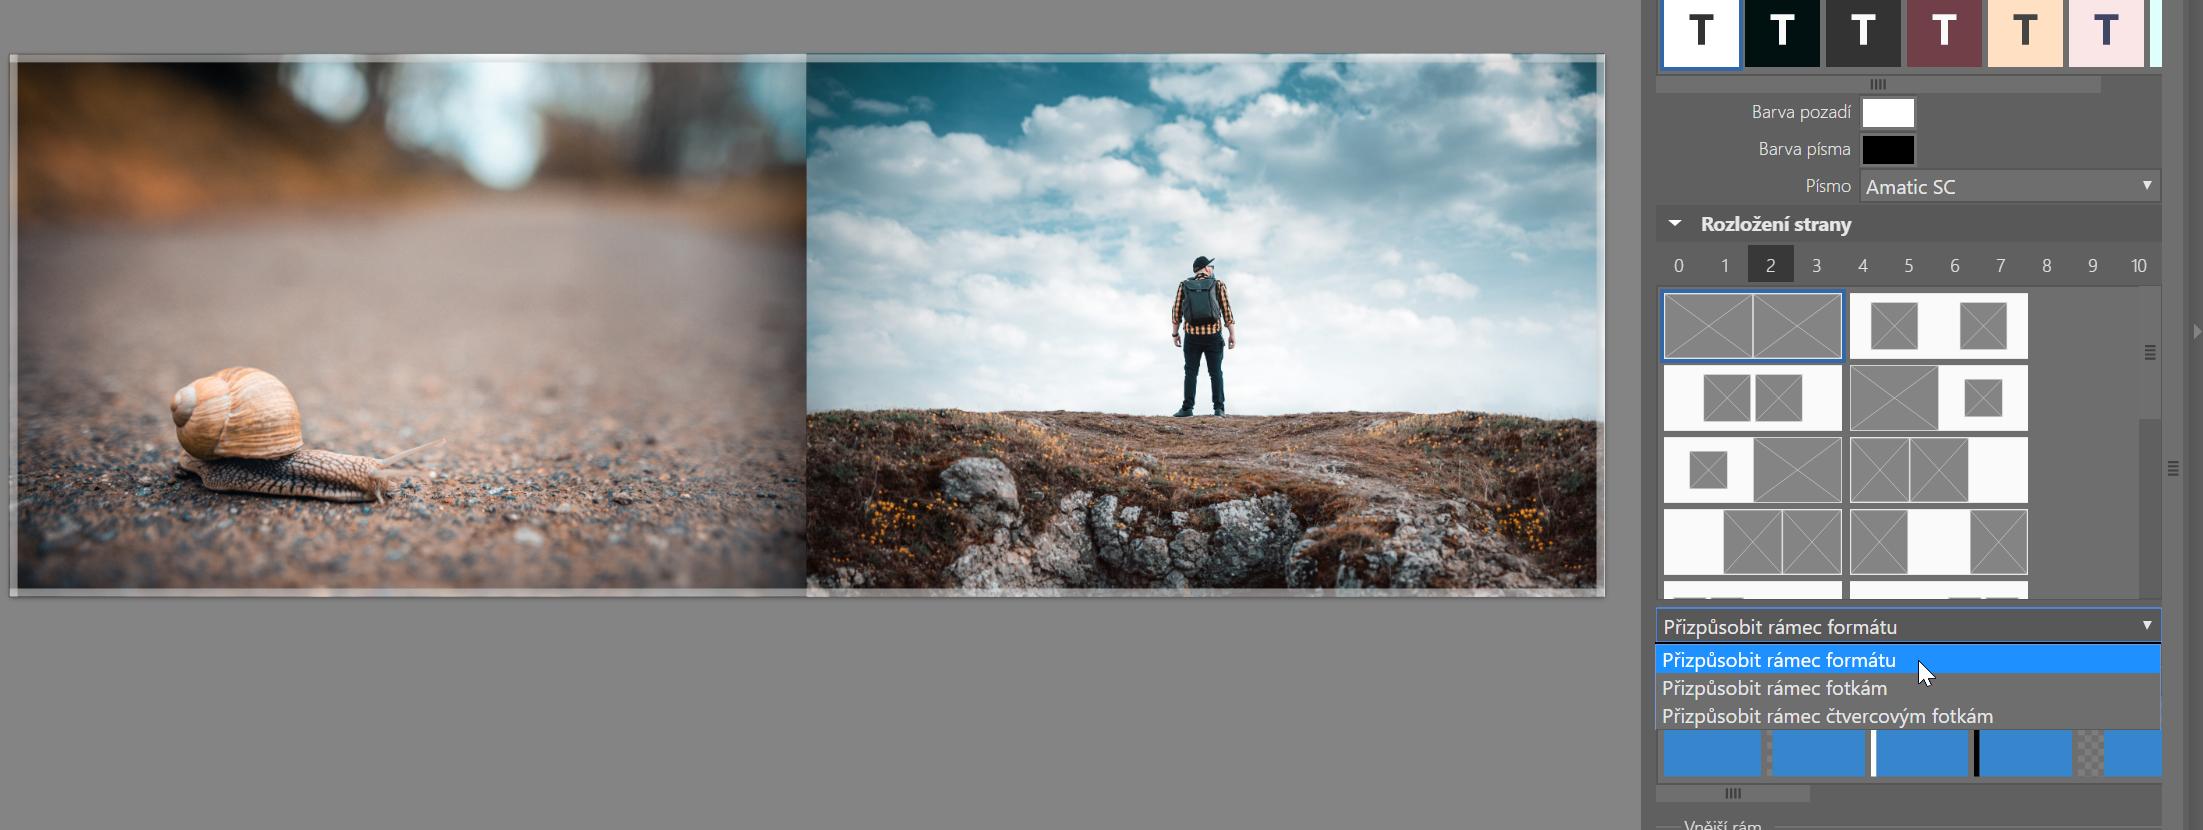 Jak vytvořit vlastní fotoknihu - výběr formátu fotek